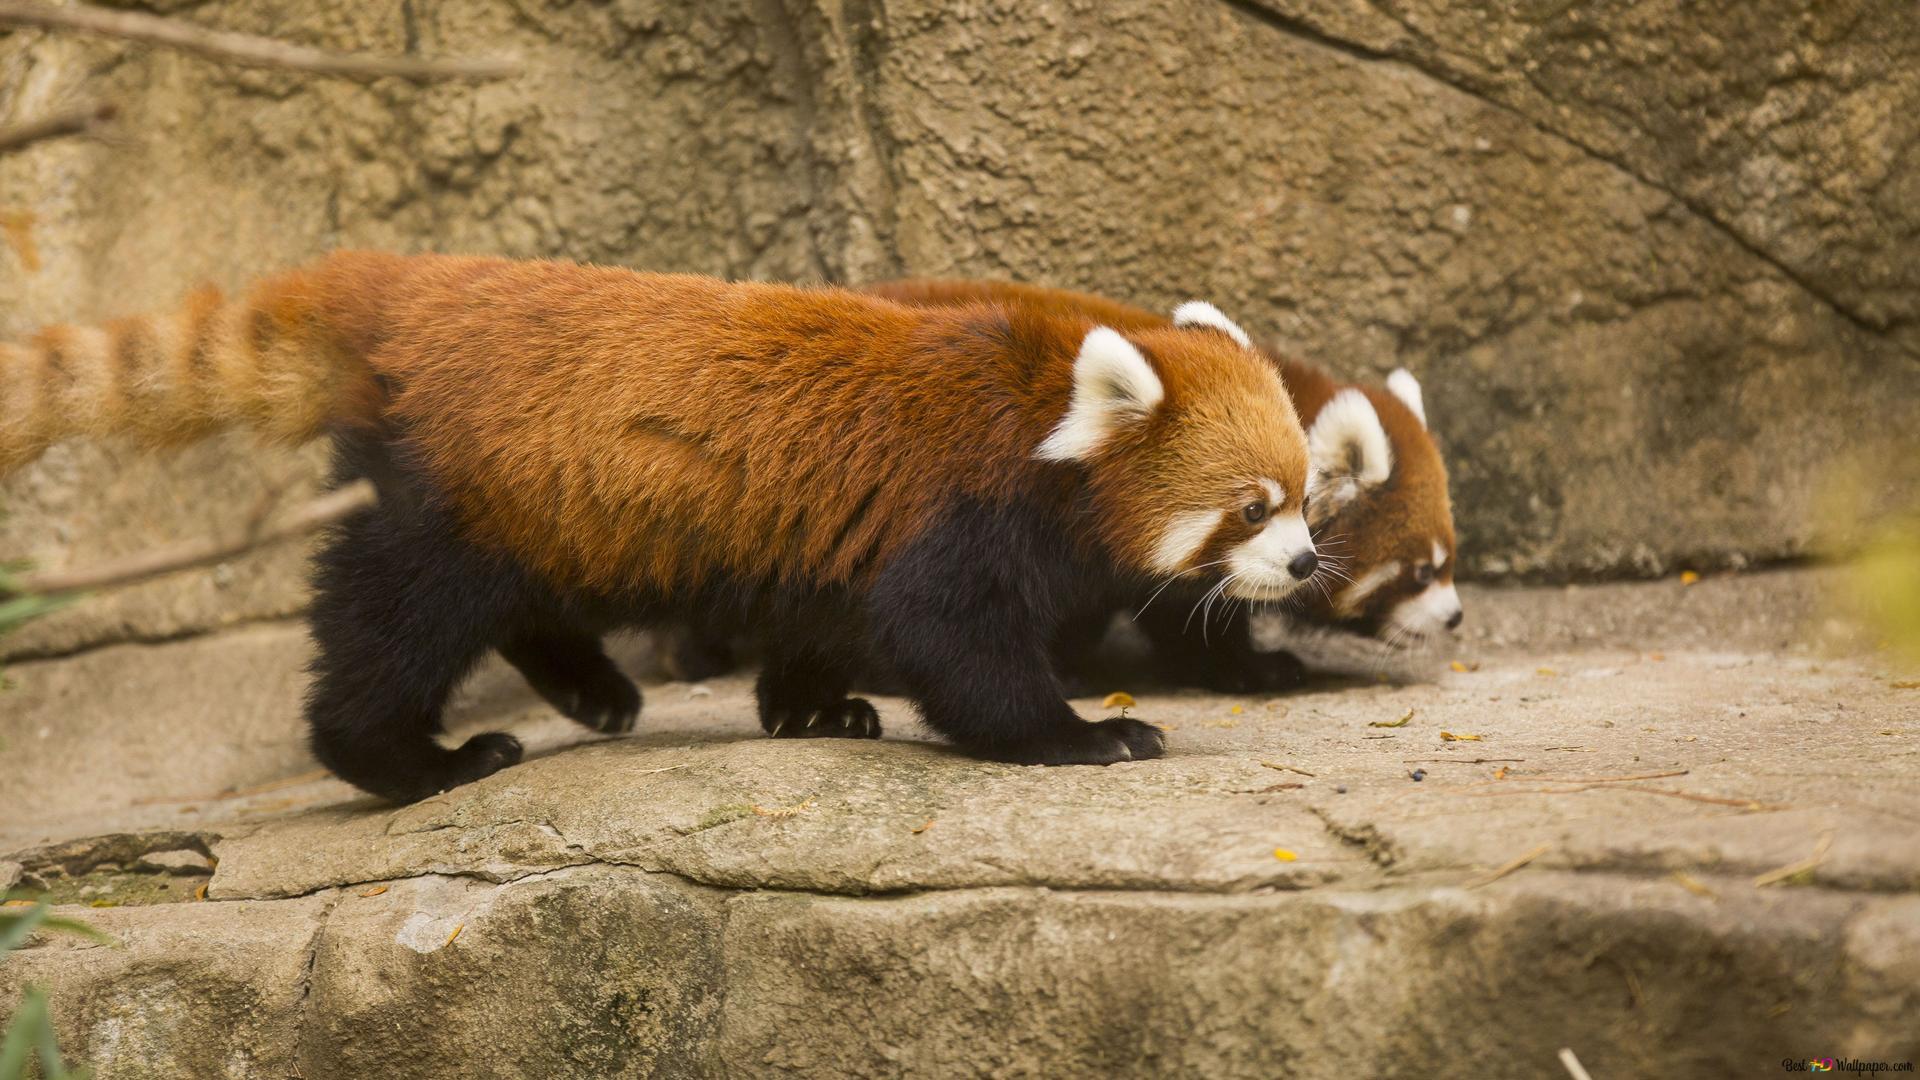 Red Panda HD Wallpaper Download